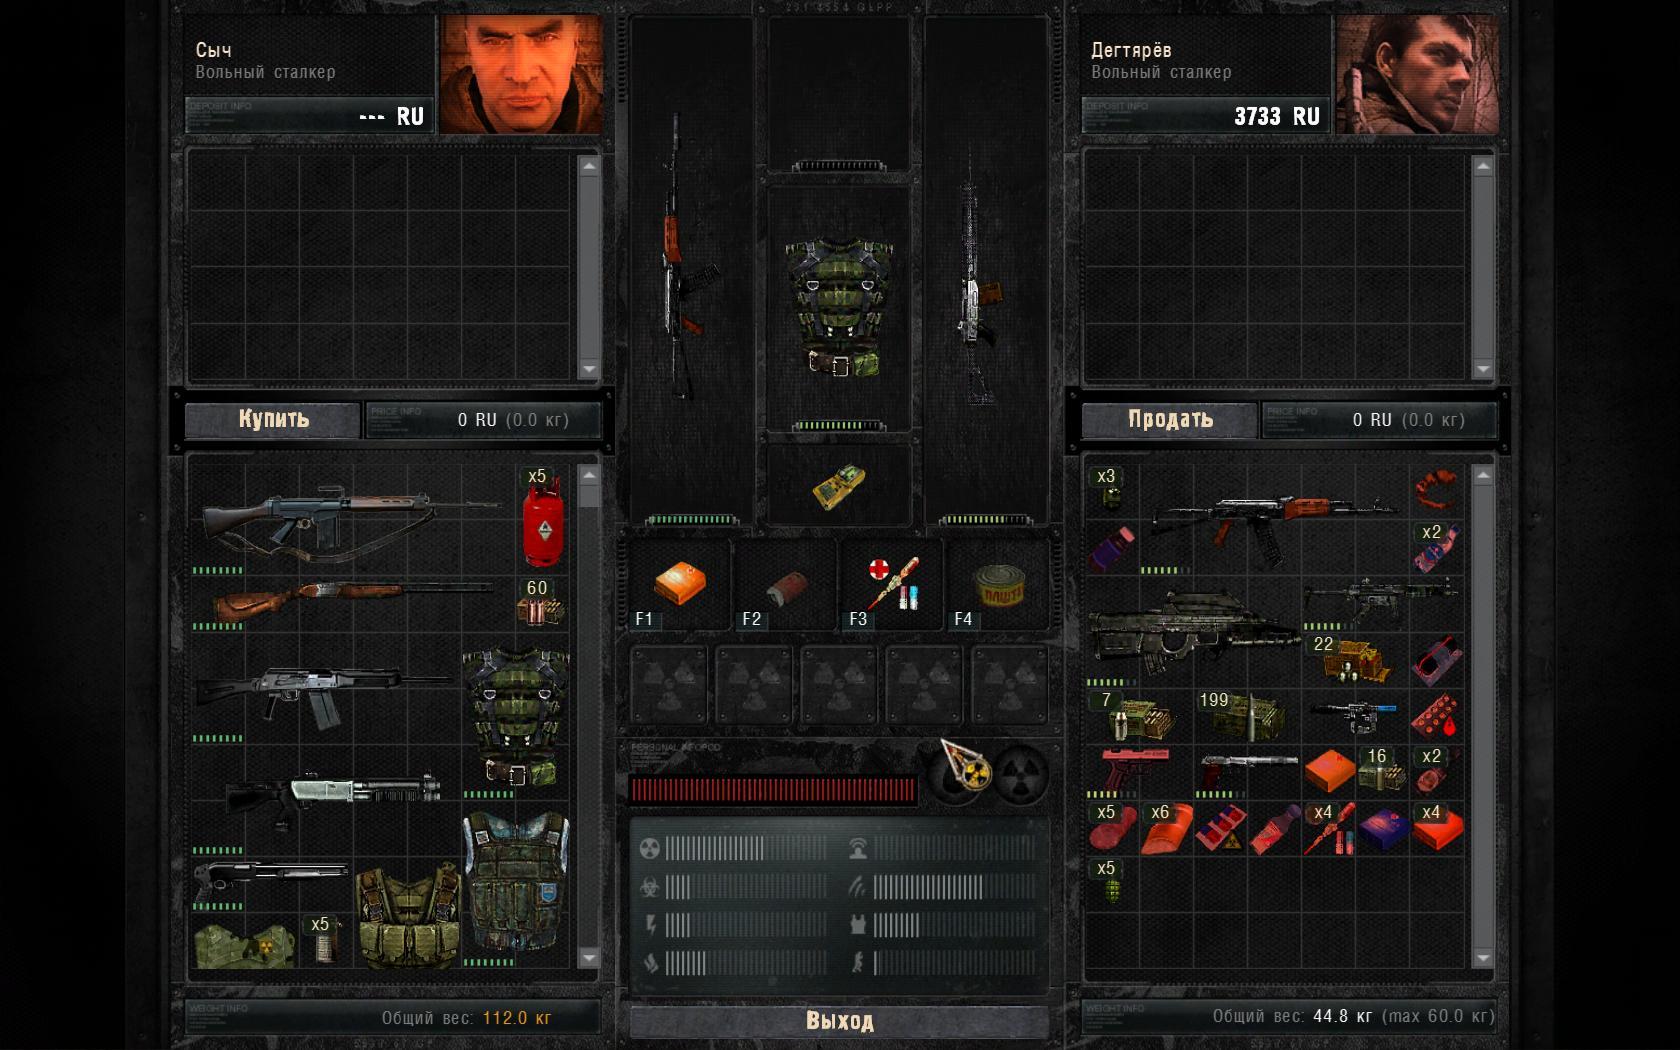 Игра stalker: зов припяти чёрный сталкер 2 скачать торрент бесплатно.